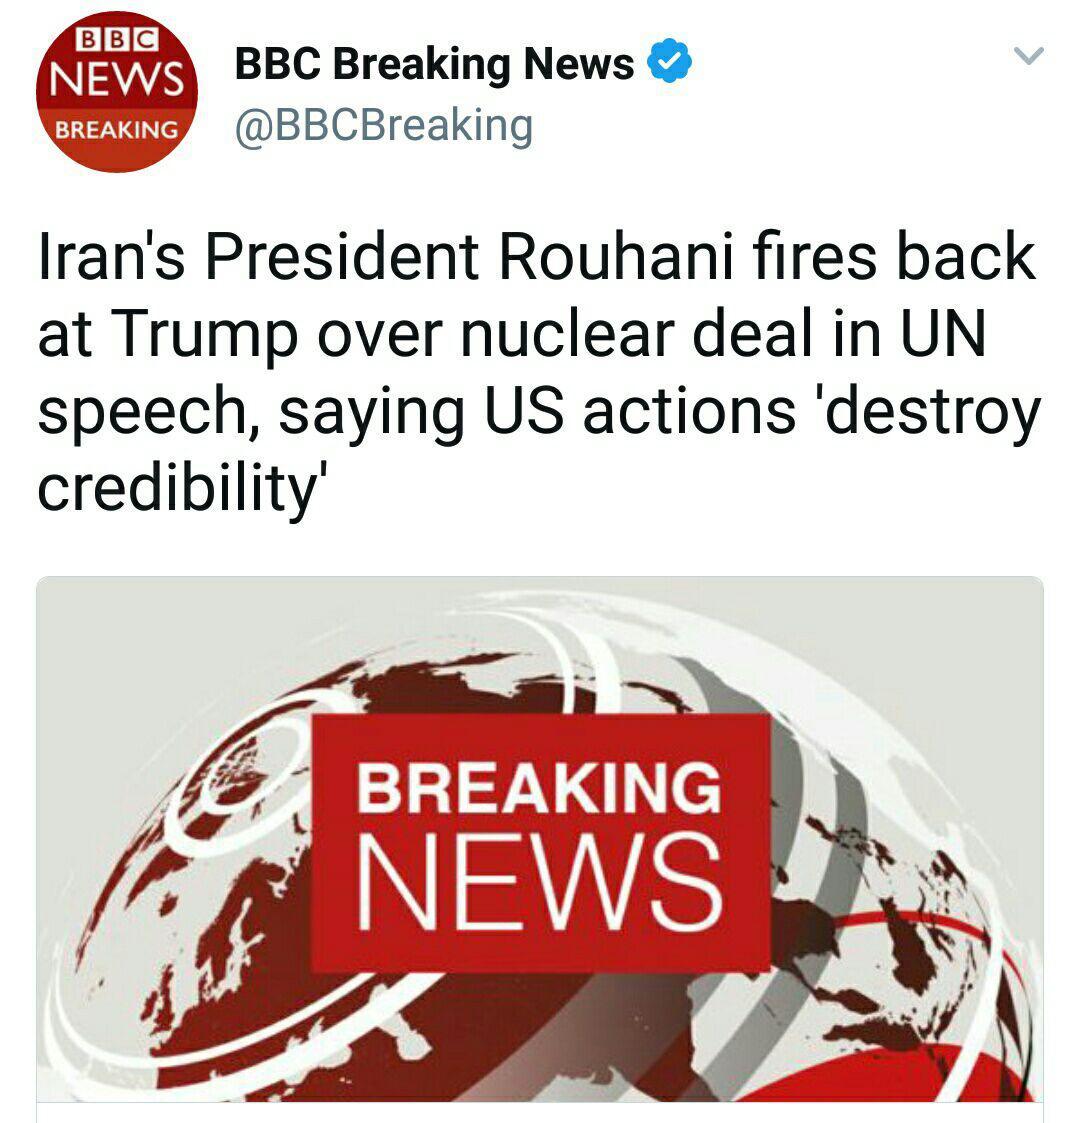 بازتاب سخنرانی رئیسجمهوری اسلامی ایران در مجمع عمومی سازمان ملل در رسانههای جهان